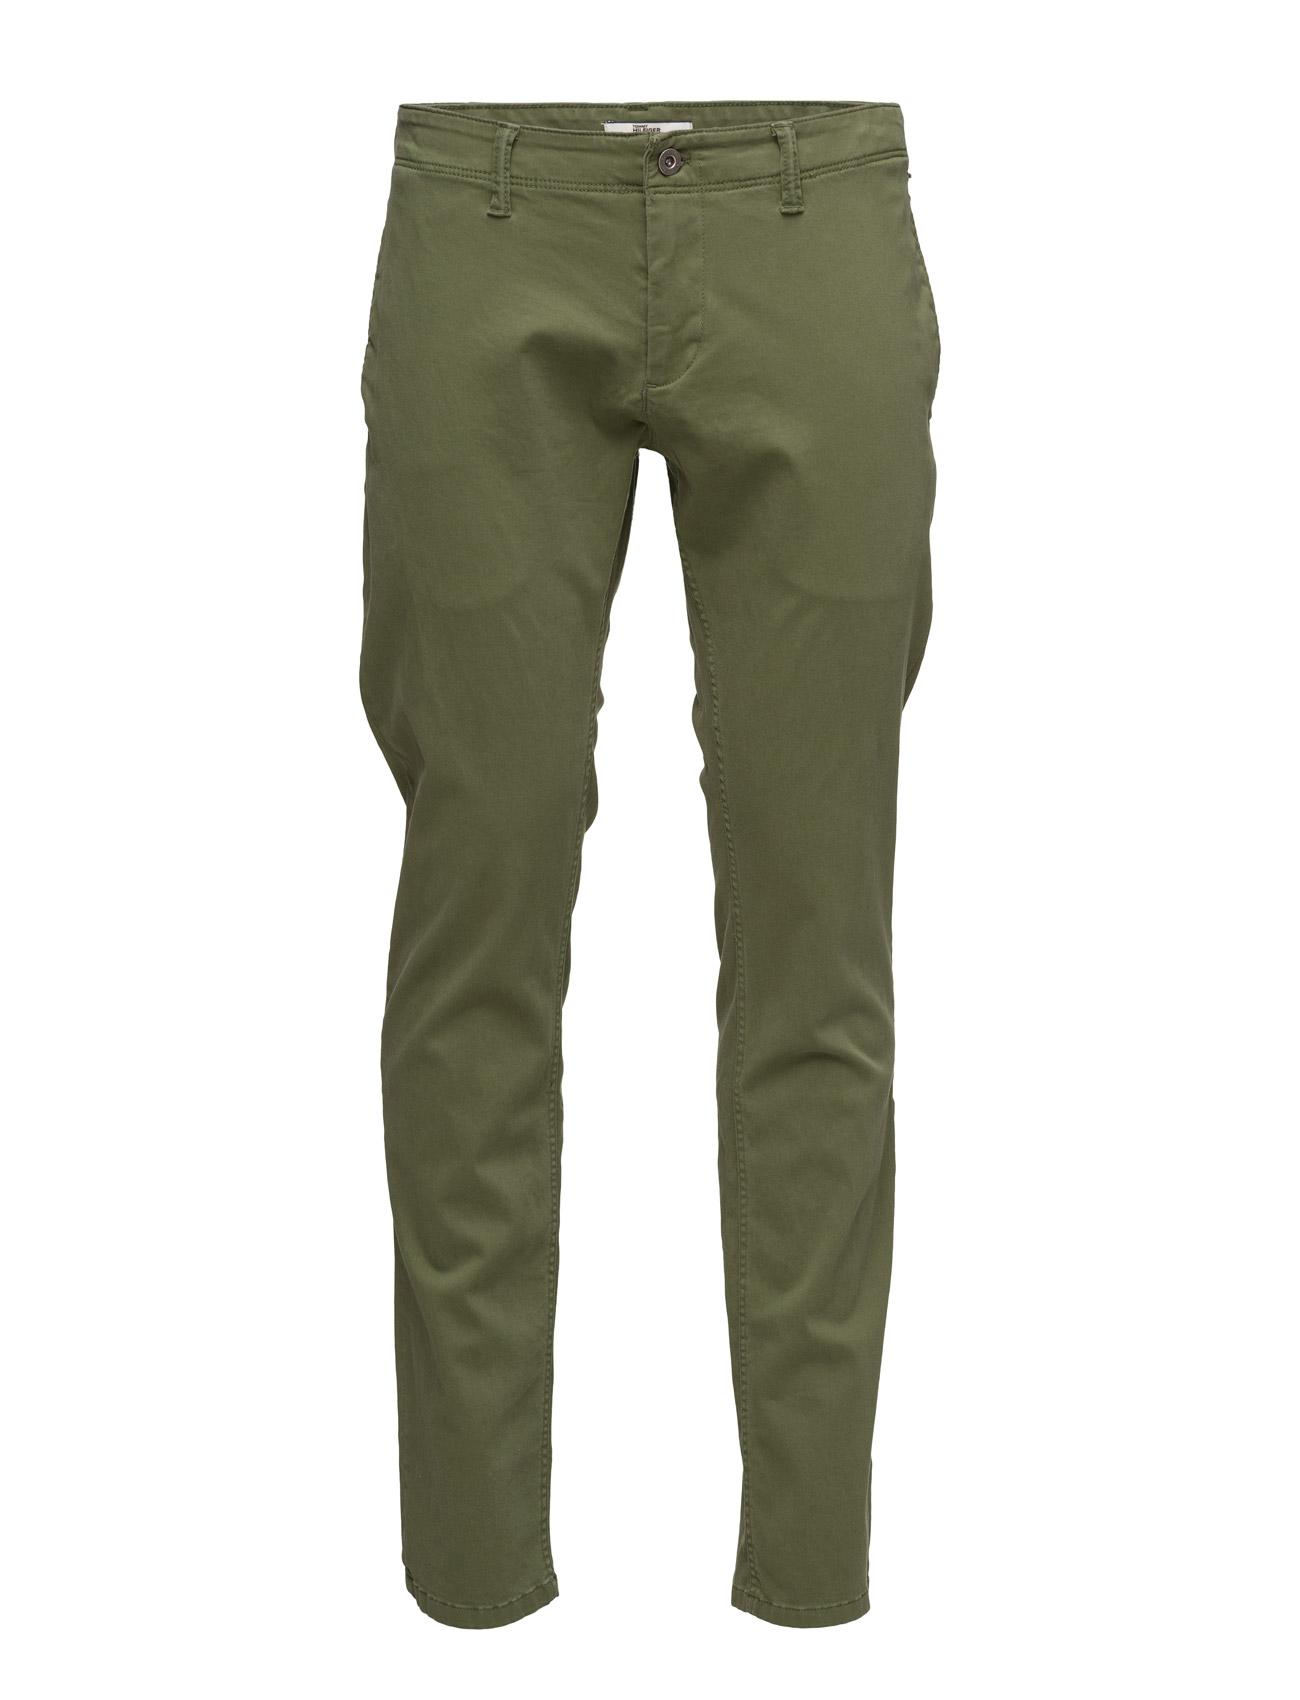 Thdm Slim Protect Chino 12 Hilfiger Denim Bukser til Mænd i Grøn